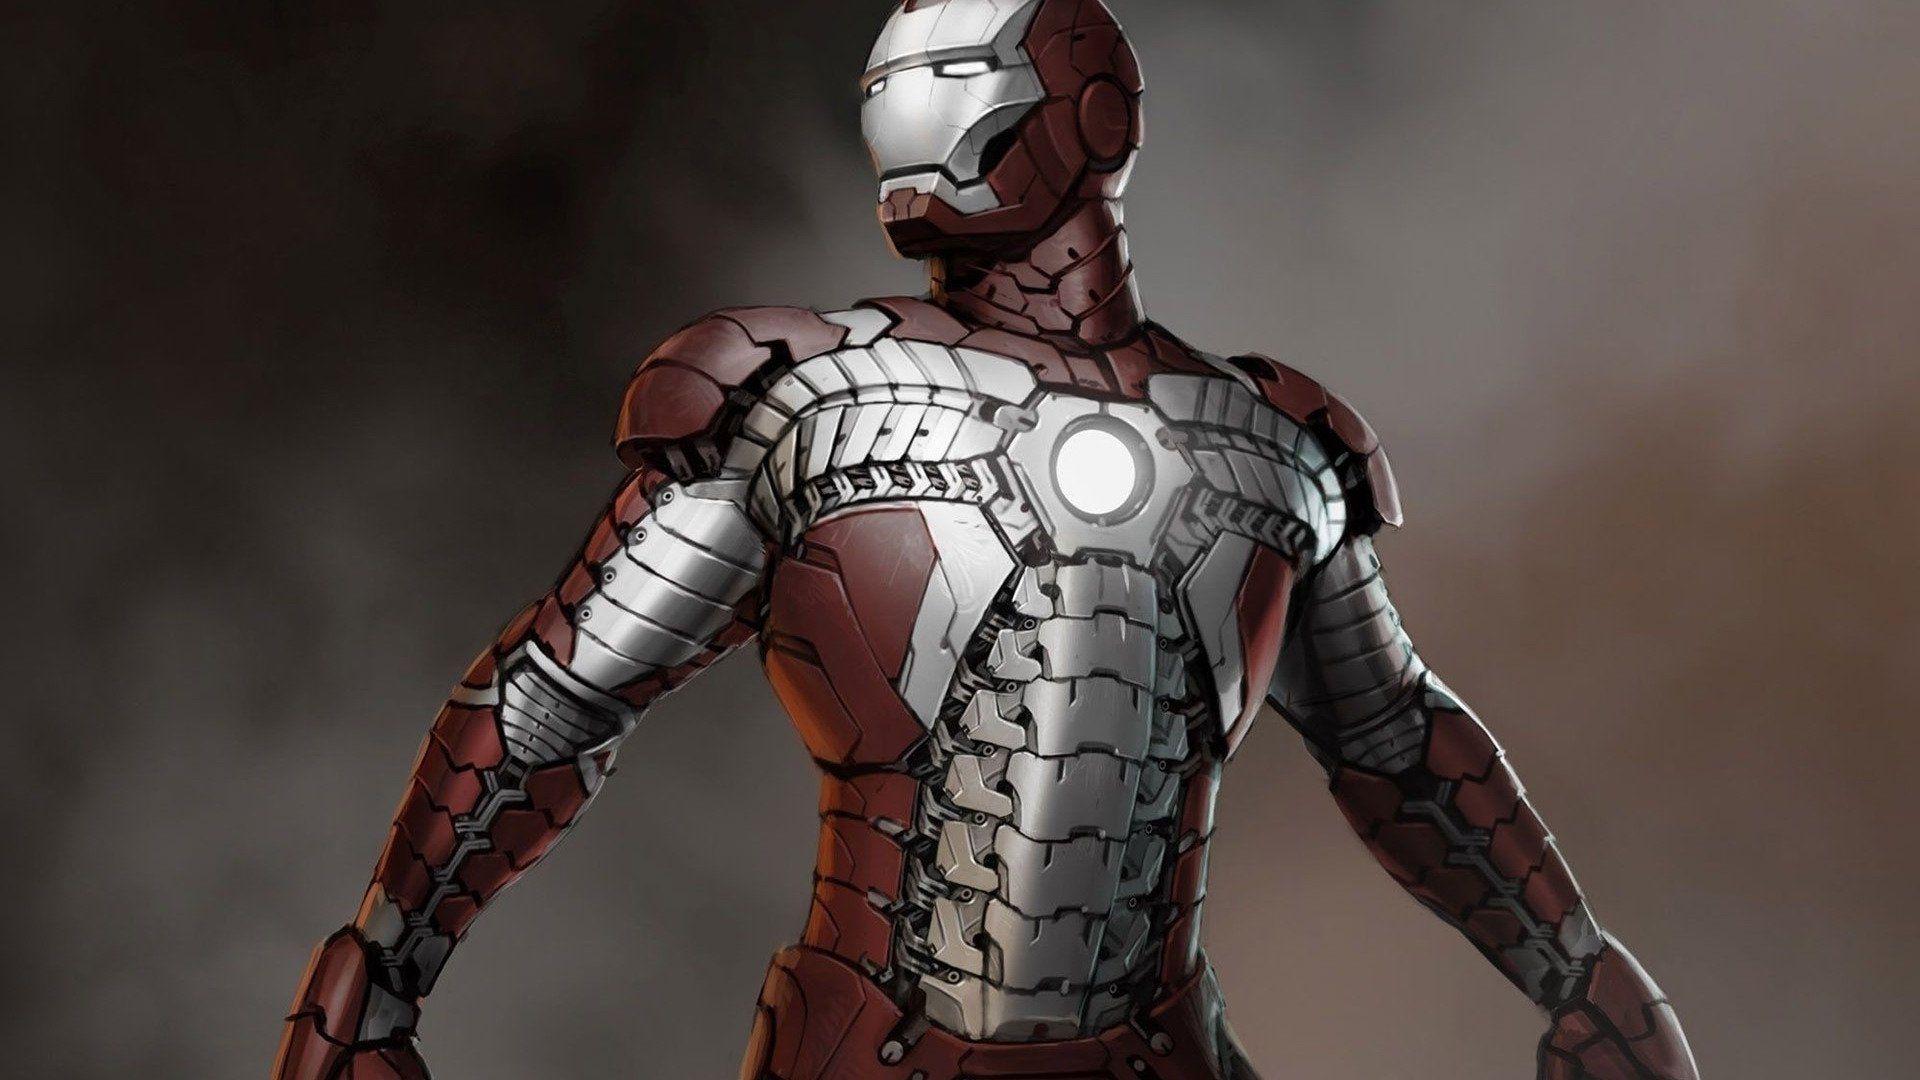 Fondos de pantalla mis comics favoritos iron man - Fondos de pantalla de iron man en 3d ...